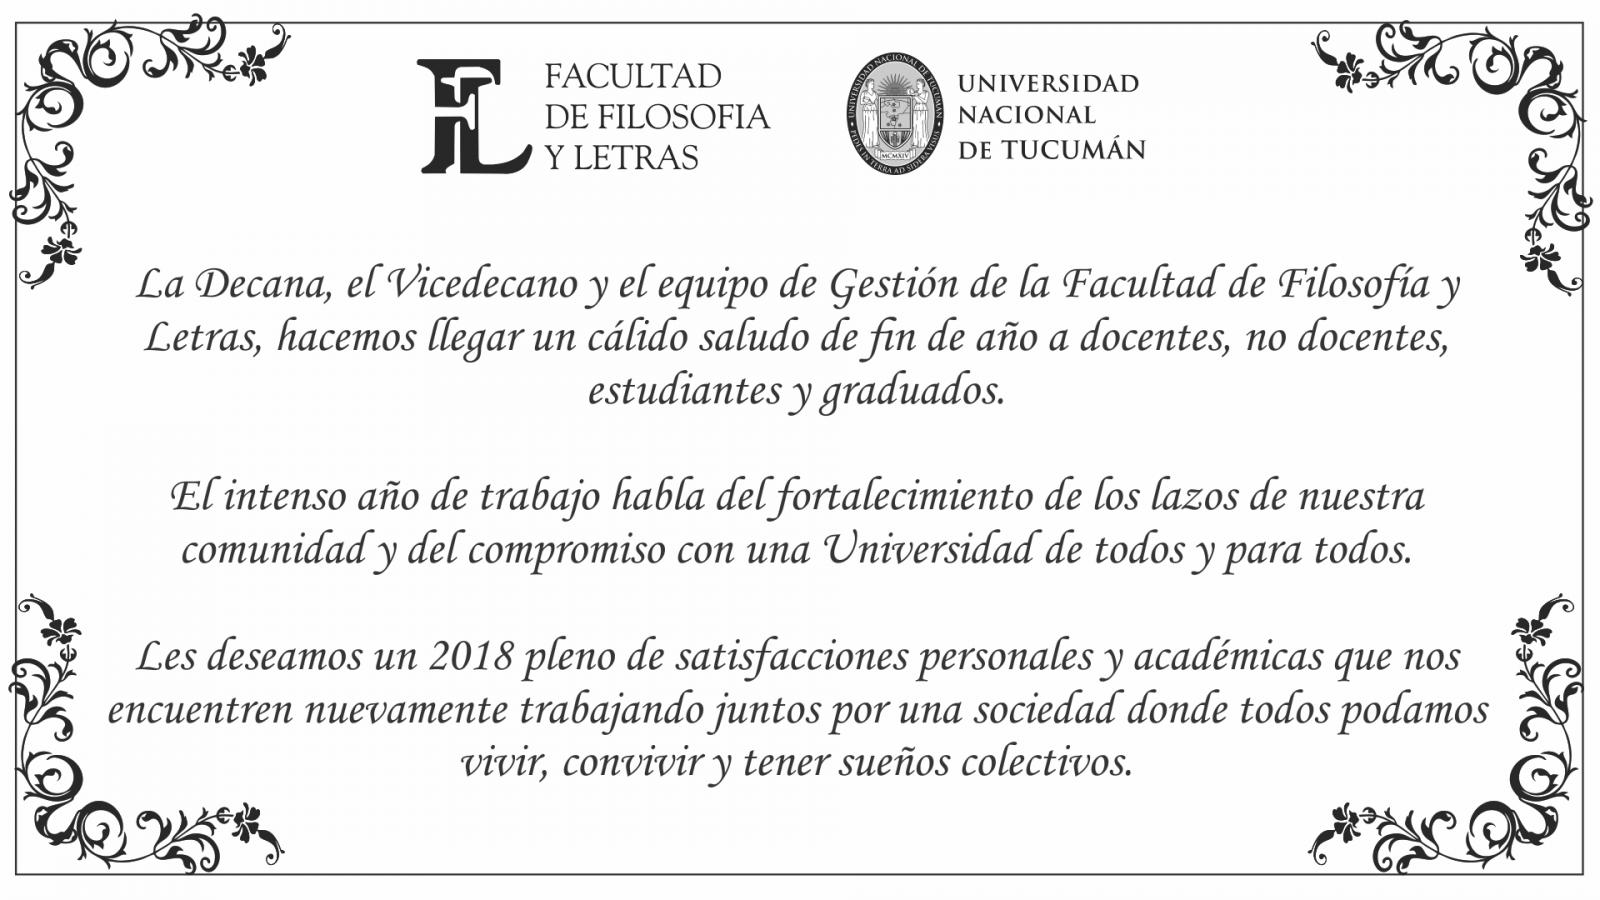 Tarjeta salutación de las Autoridades. 2018